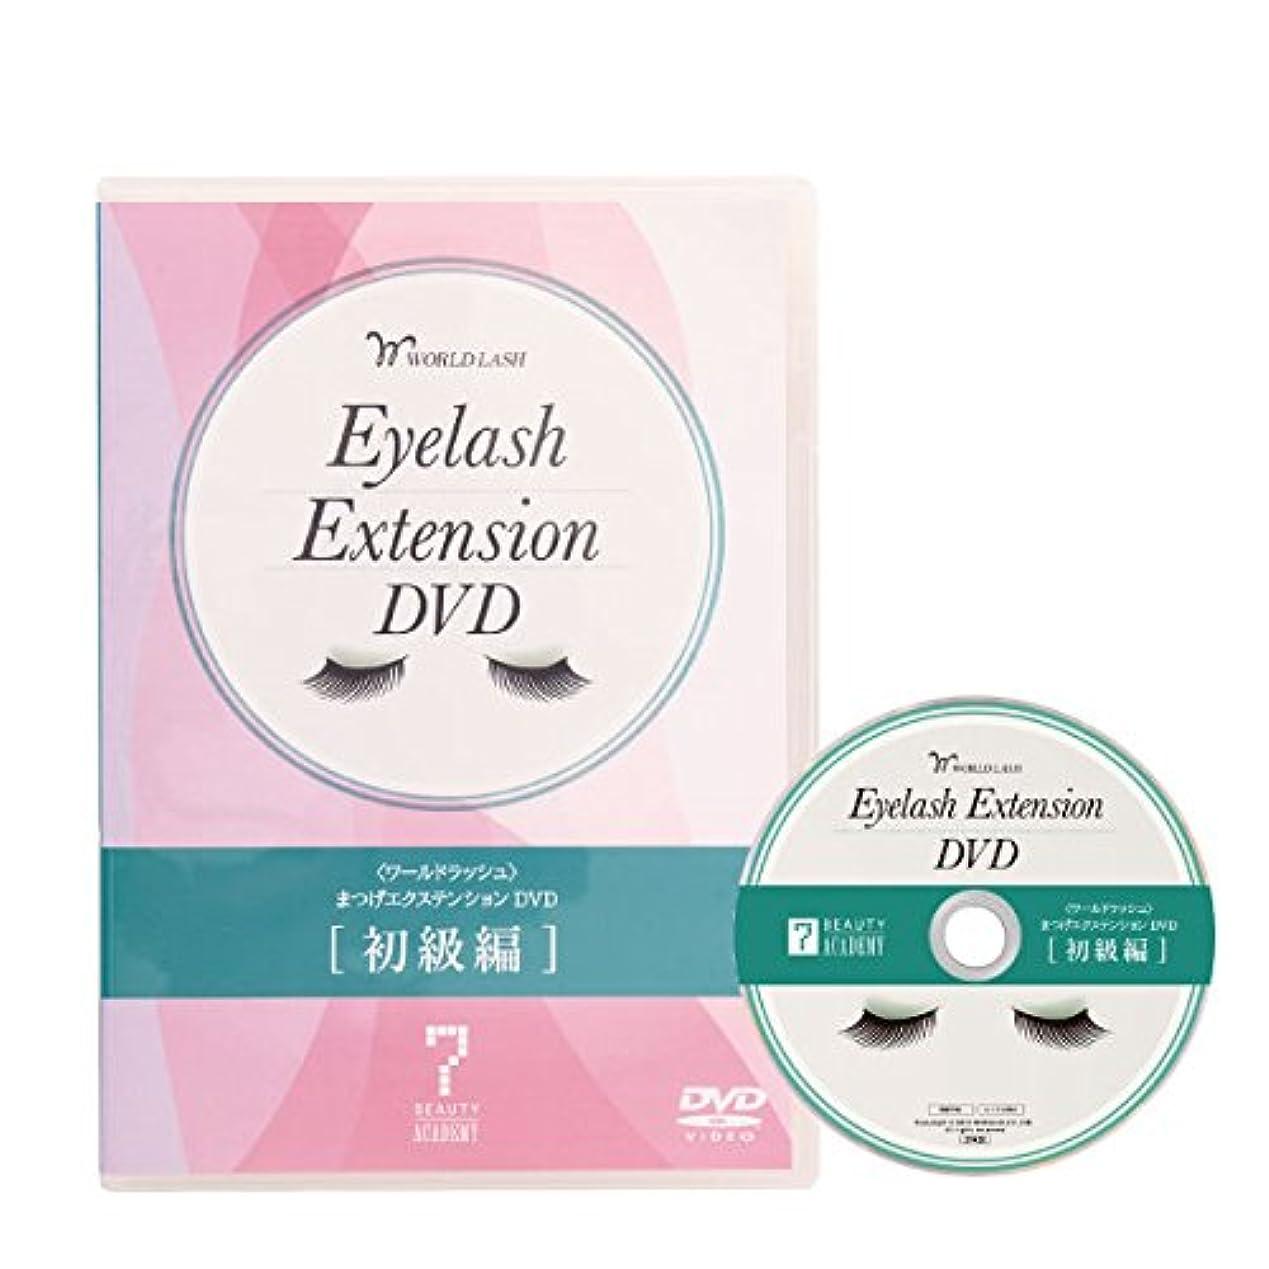 ネット回答呼び出す< WORLD LASH > まつげエクステンション DVD (初級編) [ 教材 テキスト DVD まつげエクステ まつ毛エクステ まつエク マツエク サロン用 ]